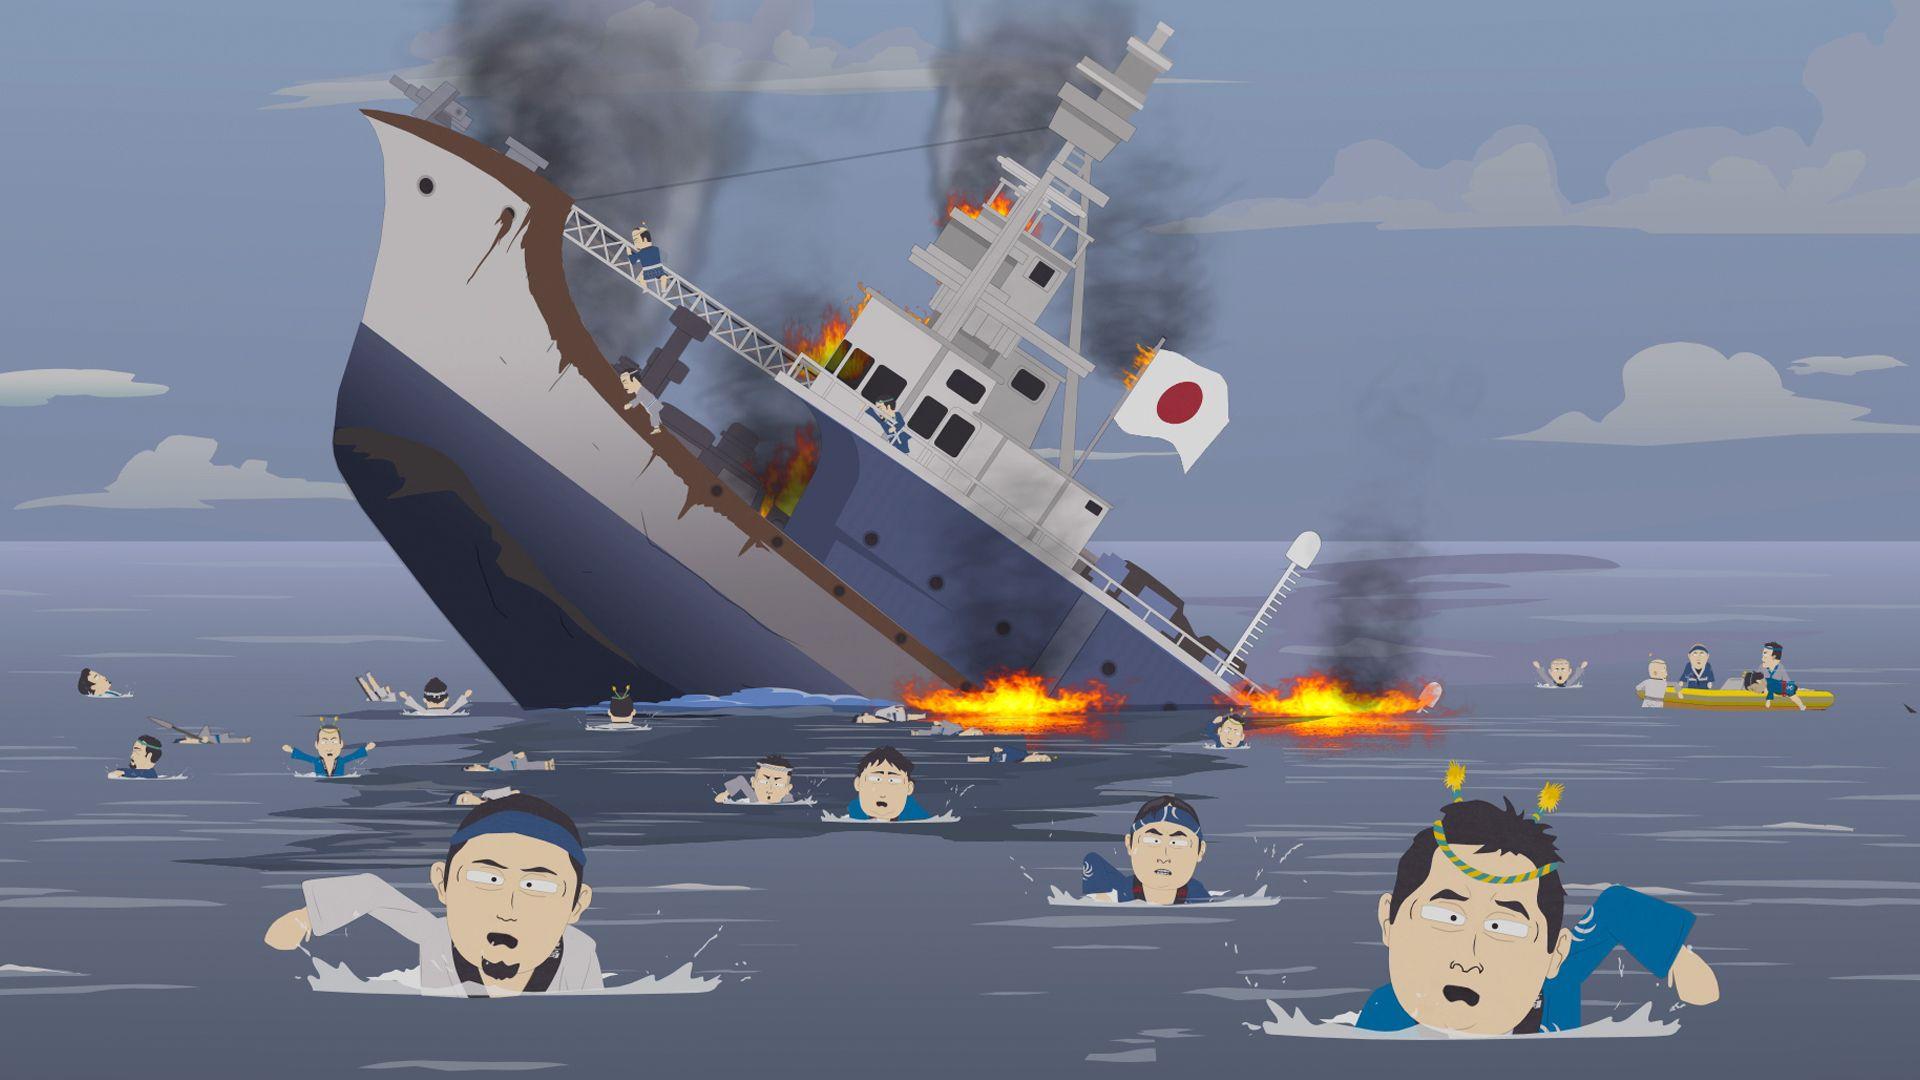 что корабль тонет гифка новорожденной